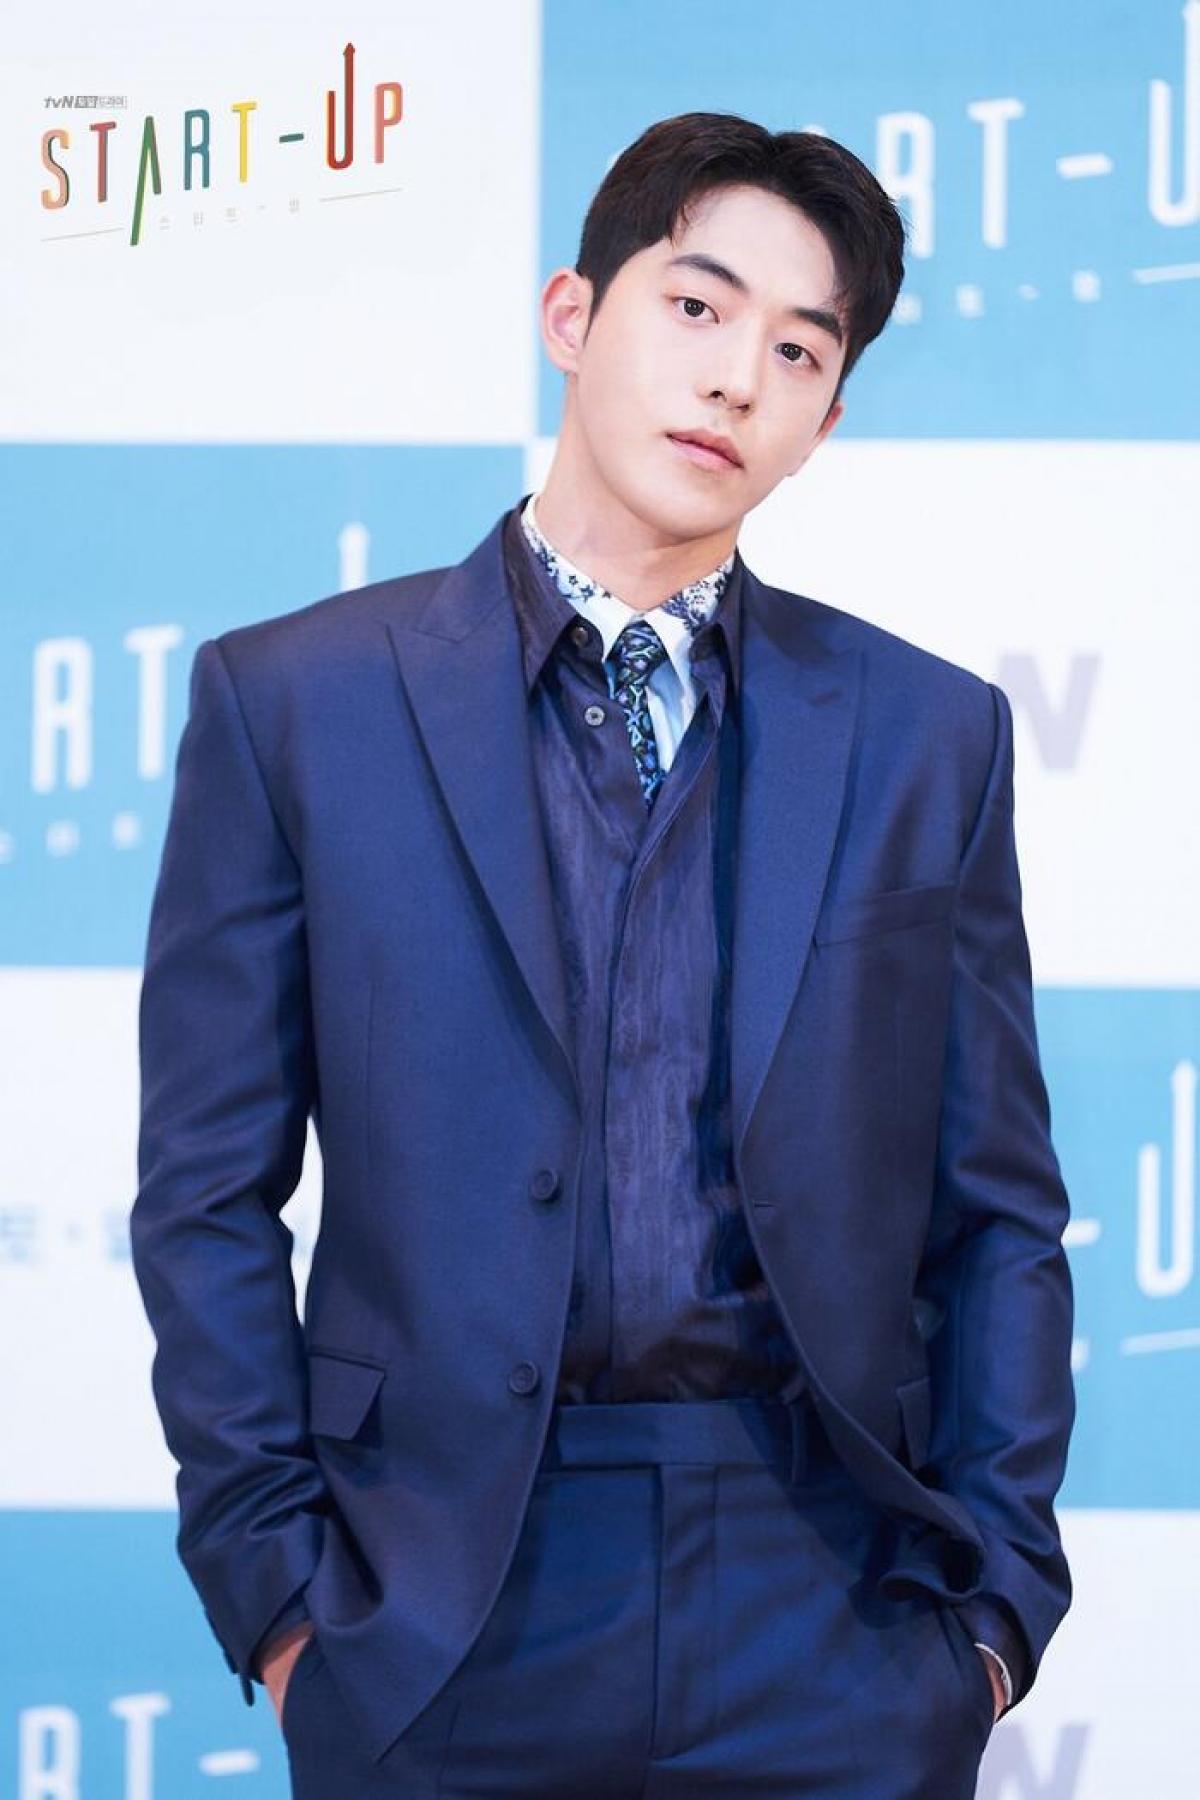 """""""Mỹ nam bơi lội"""" Nam Joo Hyuk xuất hiện với vẻ ngoài lạnh lùng trong trang phục suit xanh lịch lãm. Trong phim anh sẽ vào vai Nam Do San,người sáng lập Samsan Tech,một công ty kỹ thuật phần mềm."""